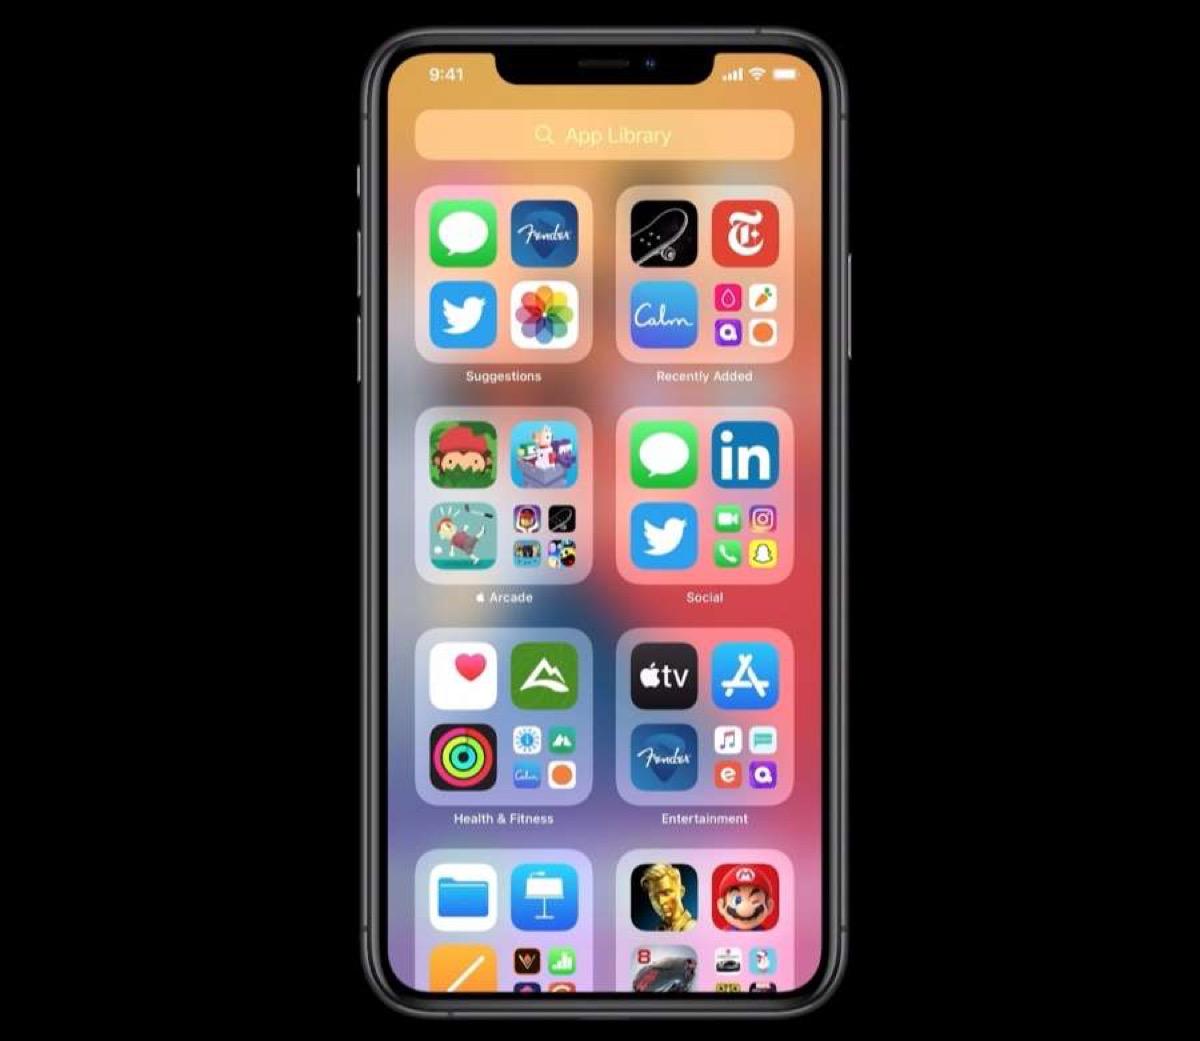 Presentato iOS 14, rivoluzione alla schermata principale con App Library e Widget